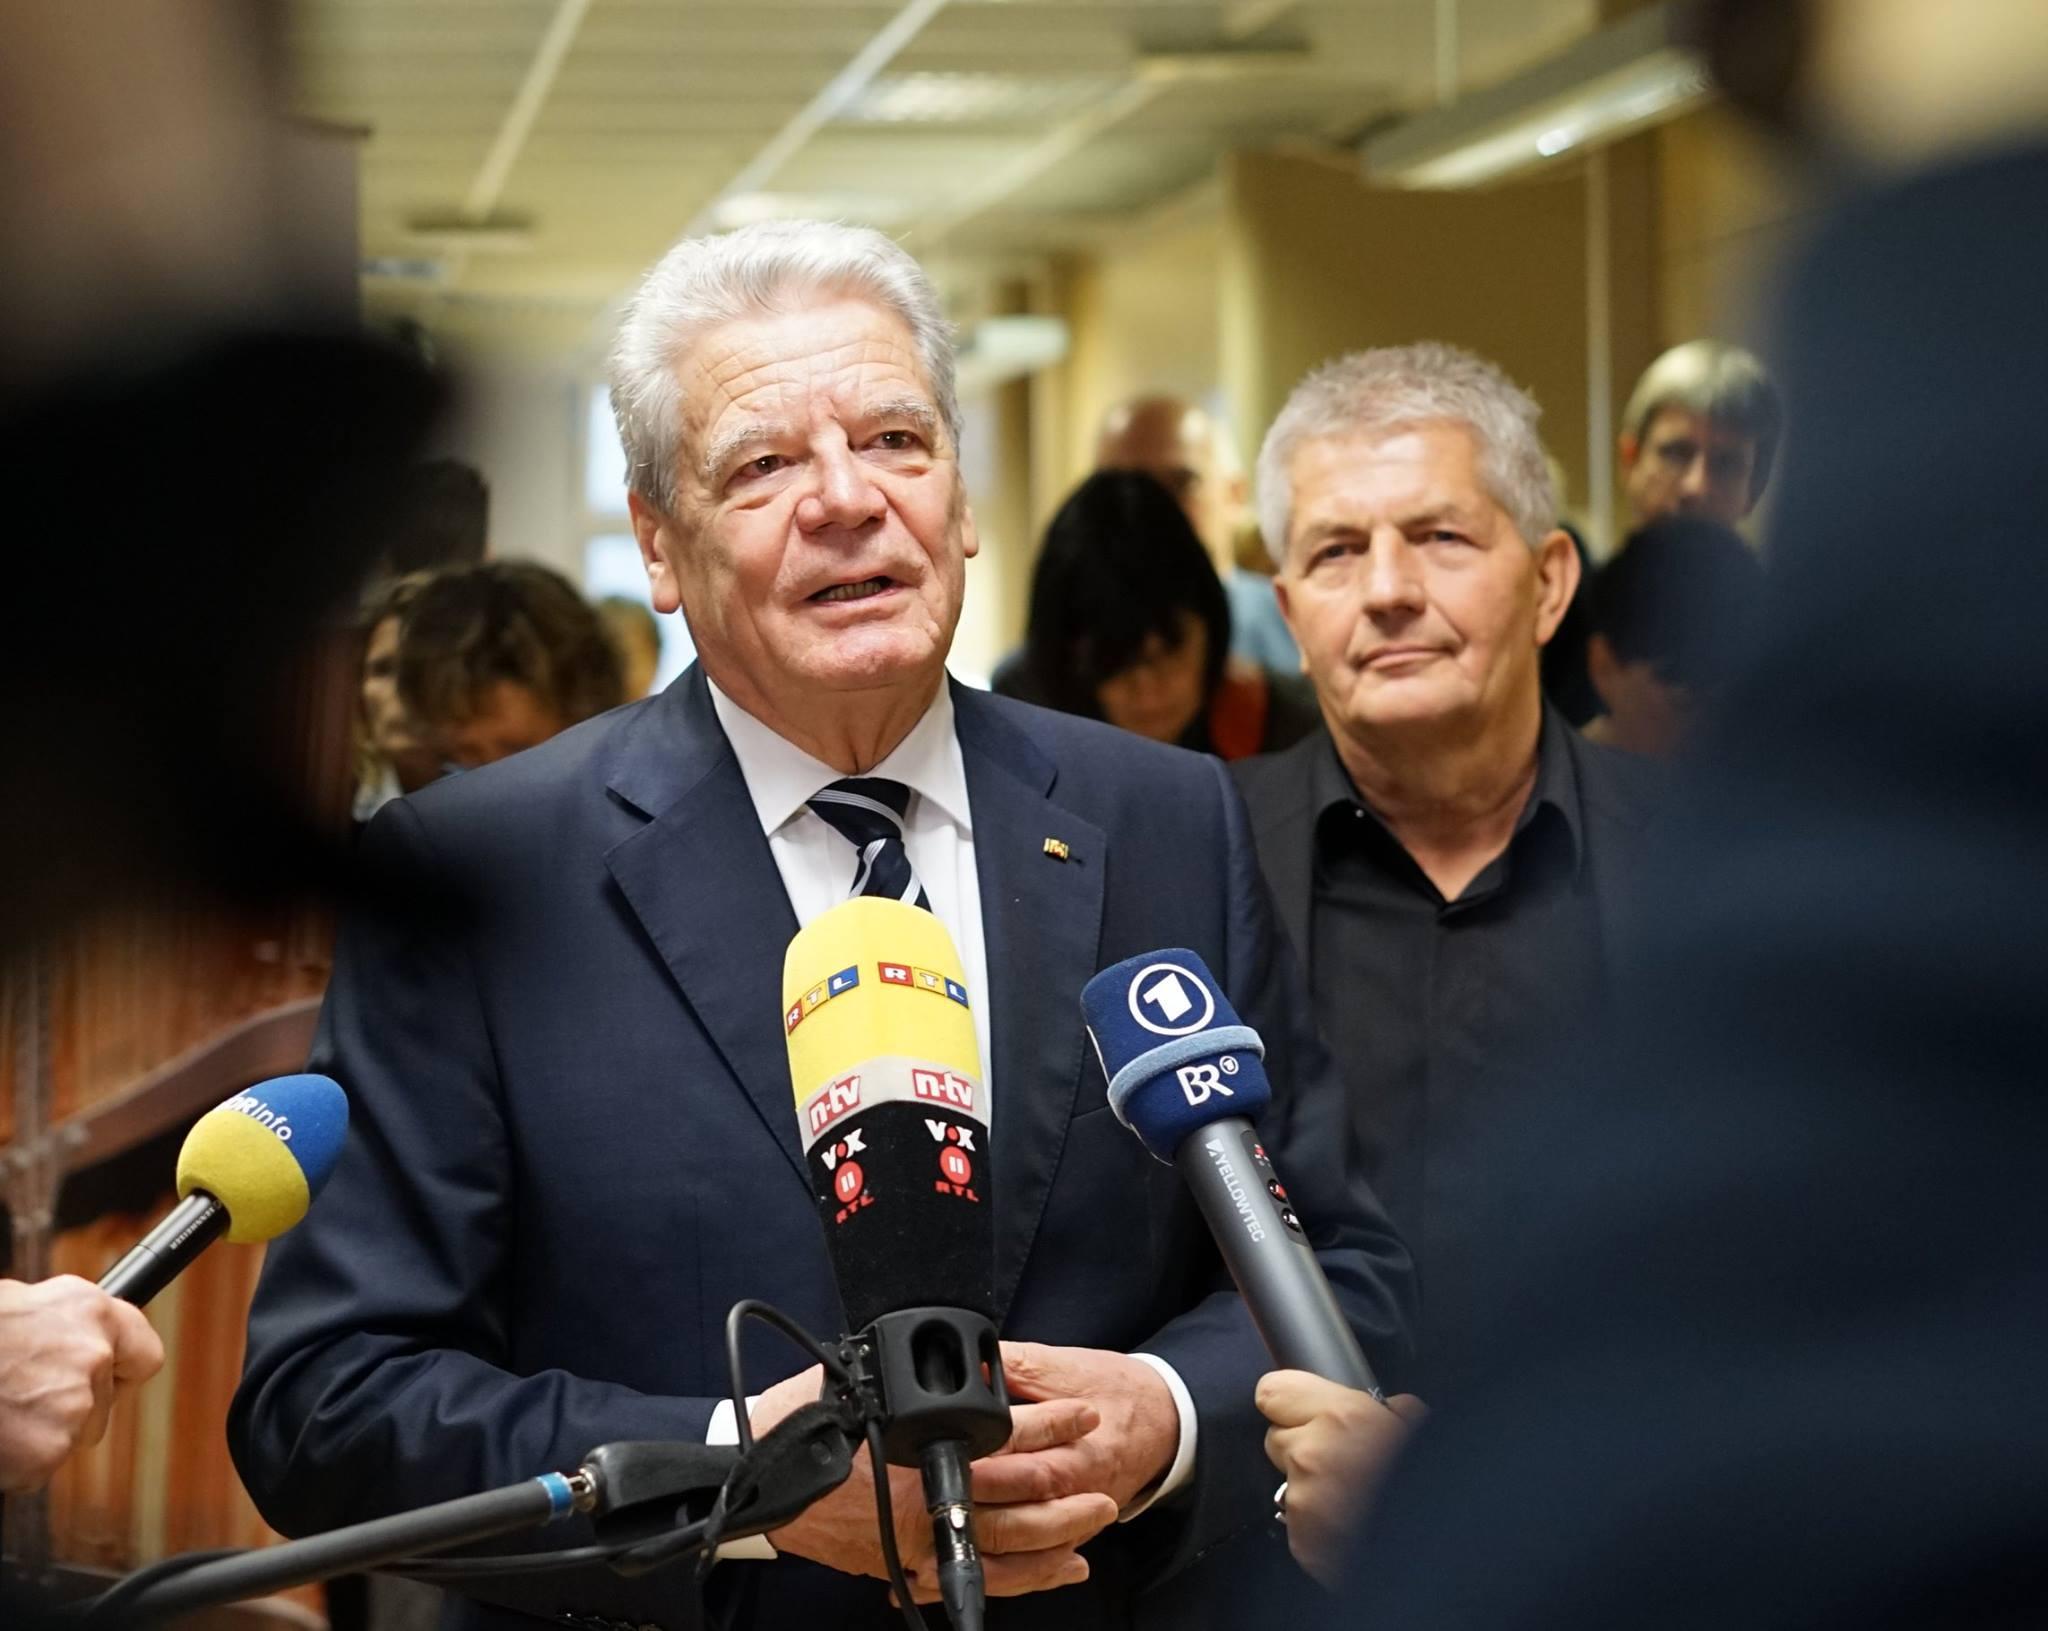 Spitzel und Bereitschaftspolizist sollen der Welt und vergauckelkten Deutschen die DDR erklären